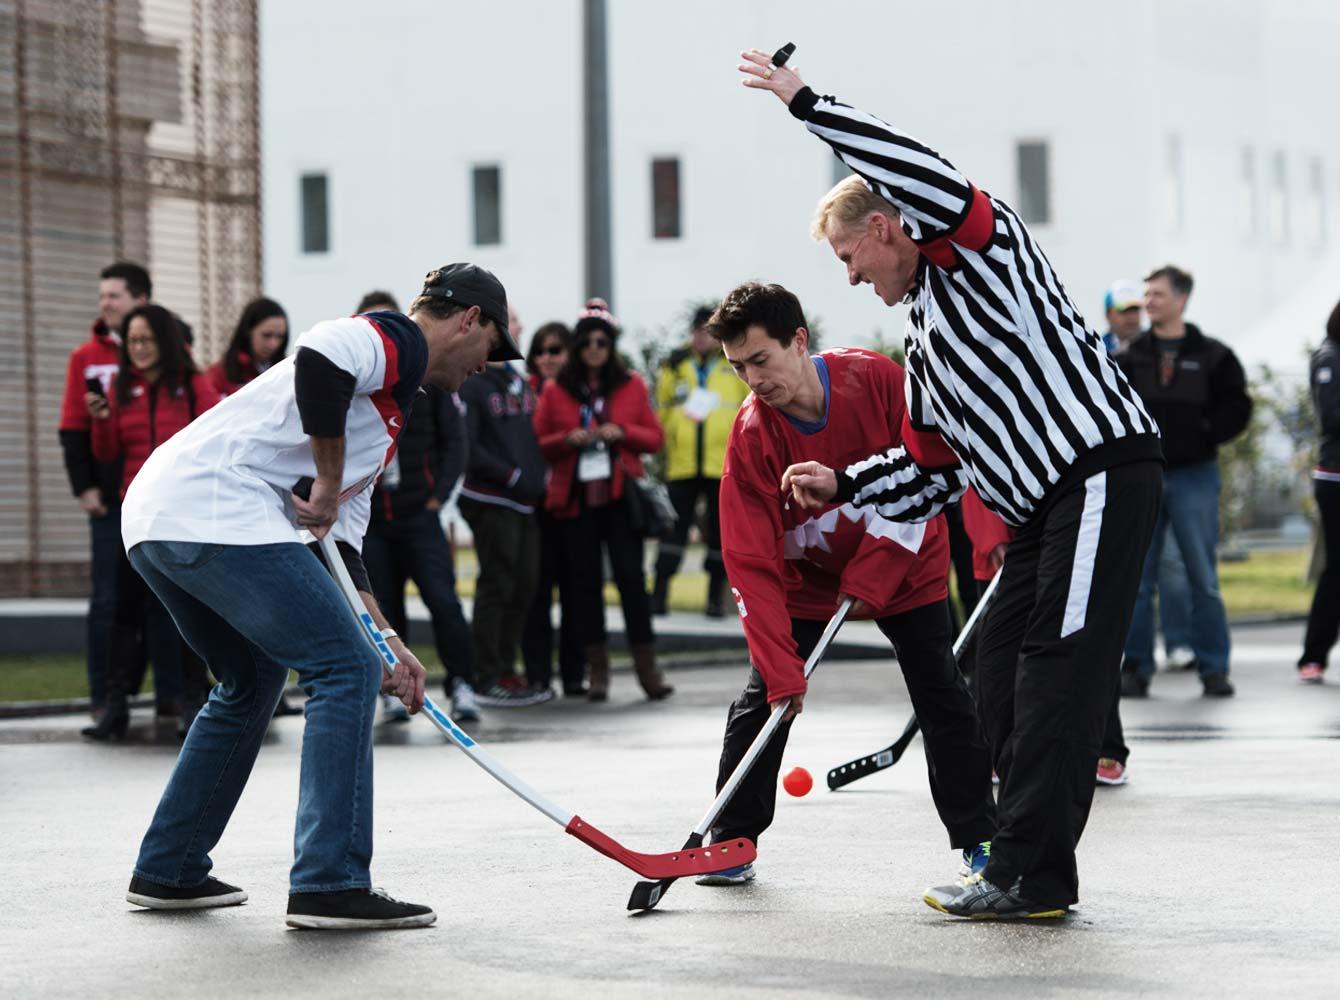 Sochi Ball Hockey Faceoff